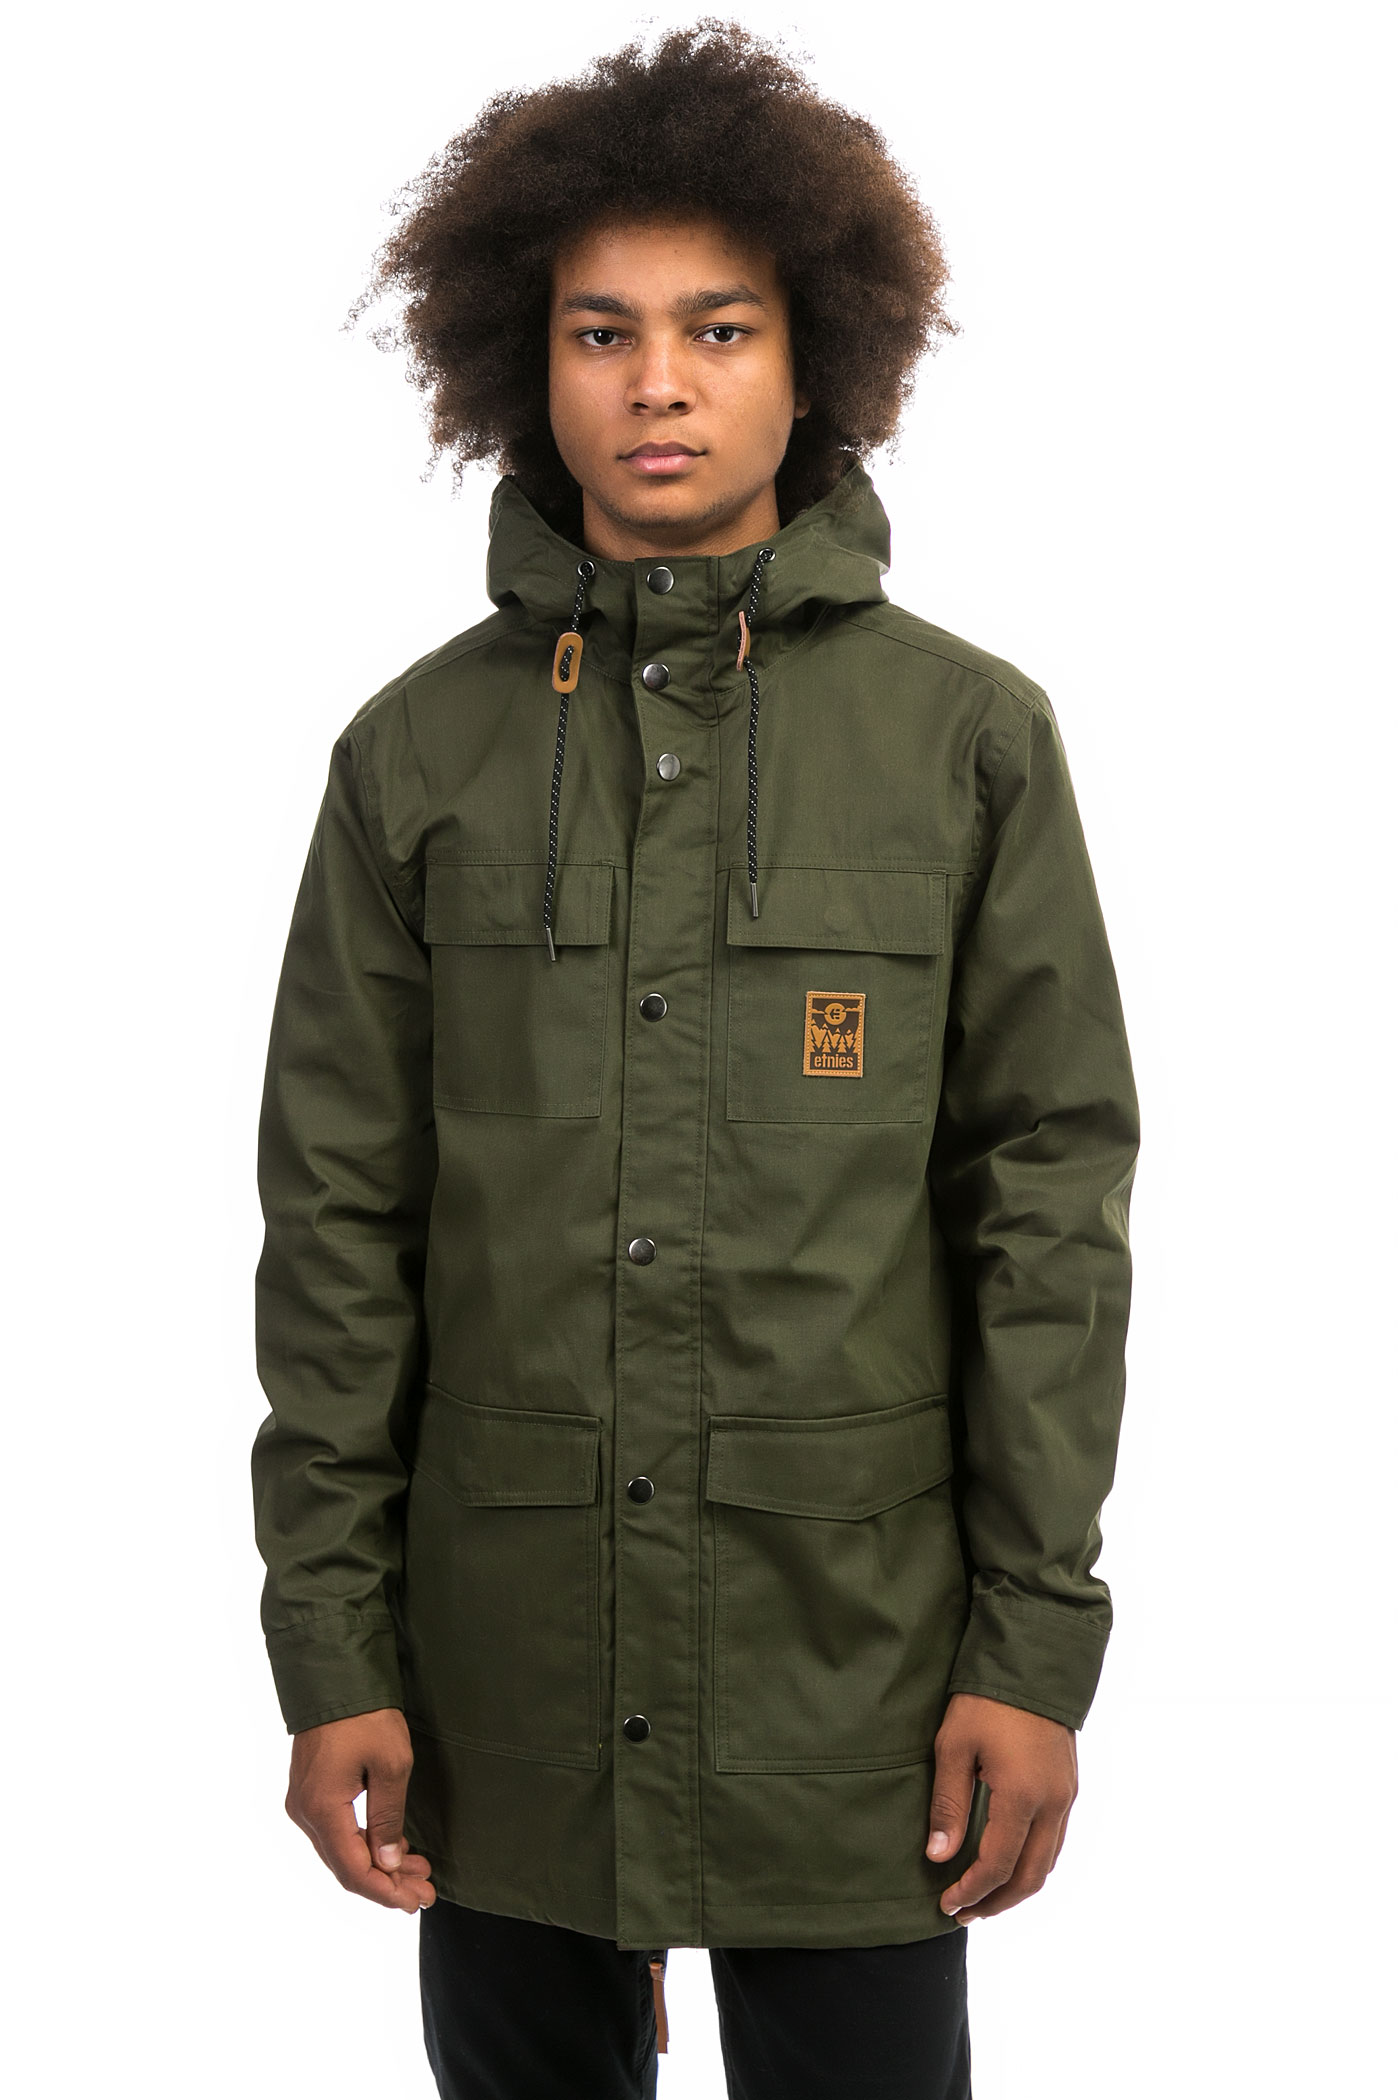 Etnies Manchester Parka Jacket (olive) buy at skatedeluxe